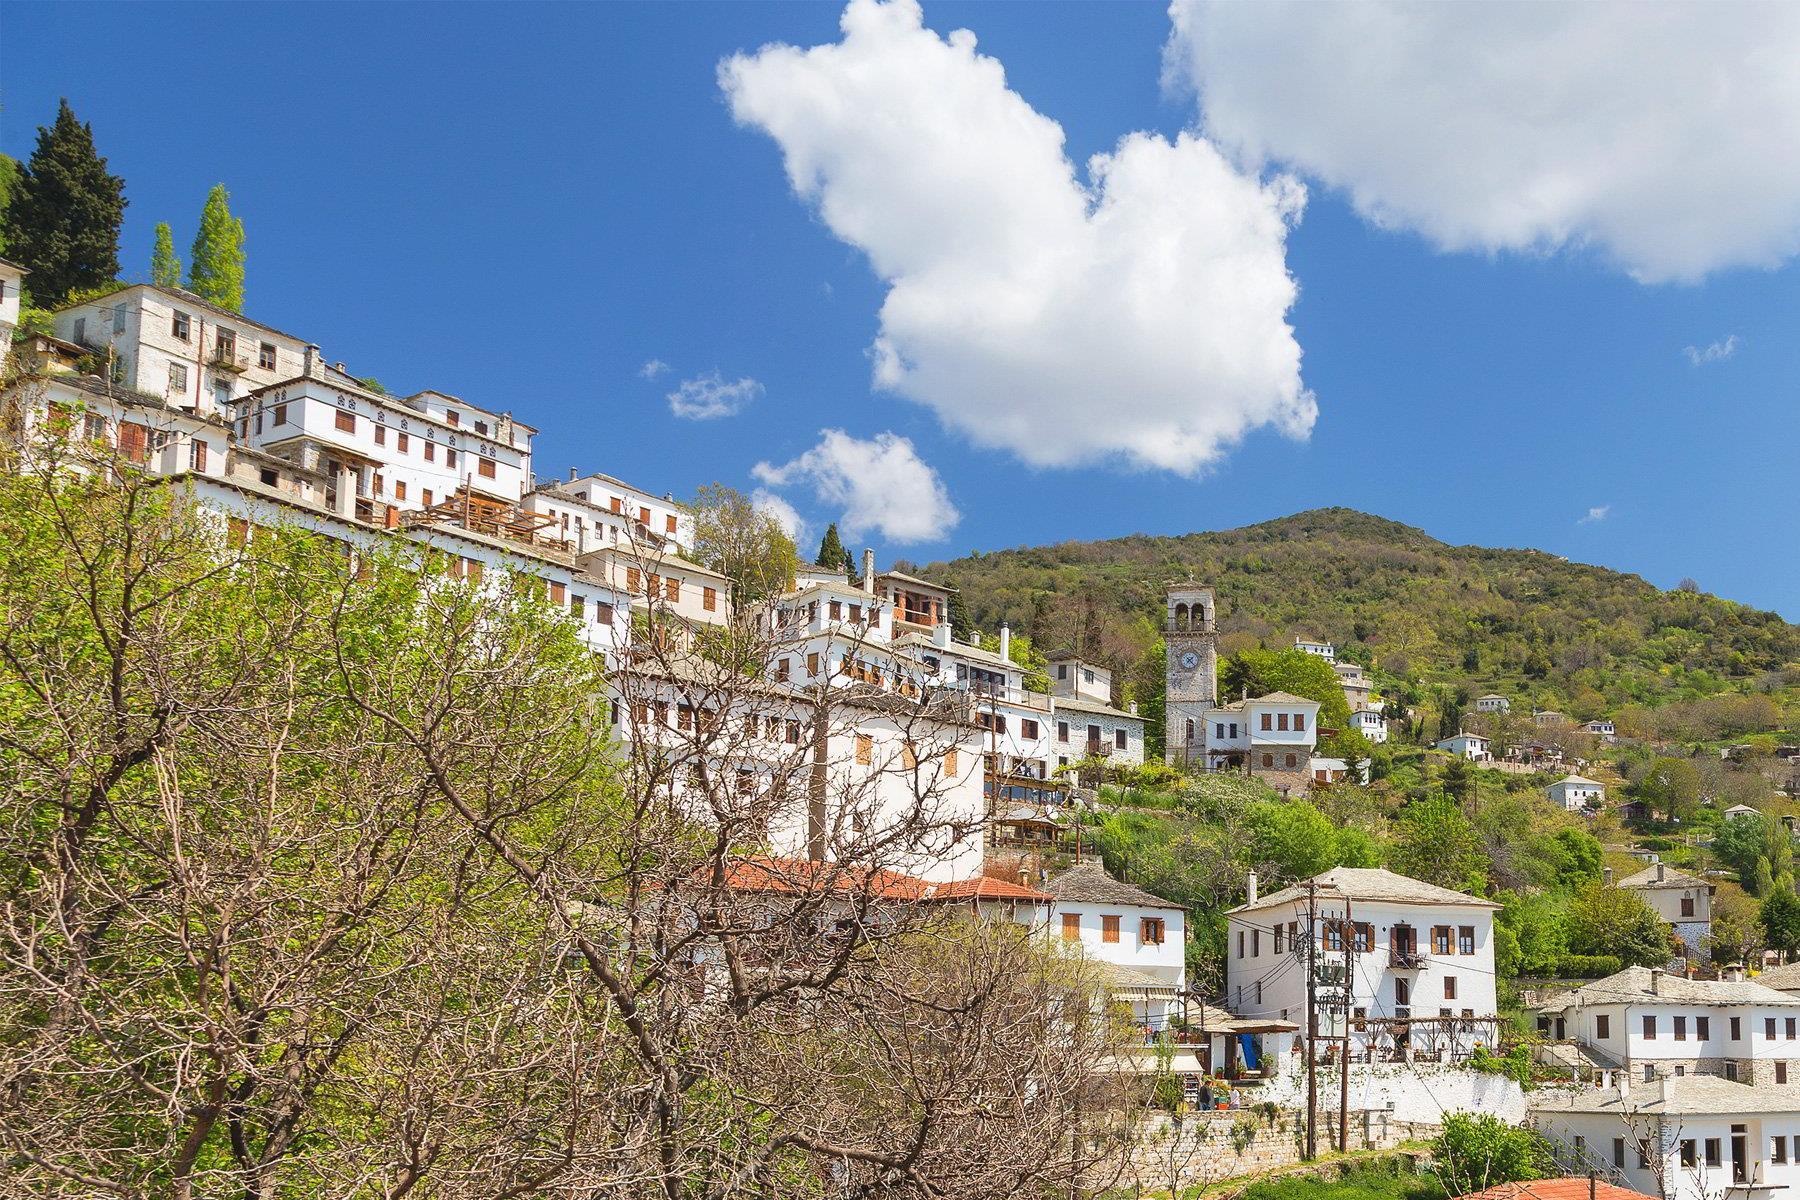 Πάσχα: Οι προορισμοί που θα ταξιδέψουν οι Έλληνες σύμφωνα με τους ταξιδιωτικούς πράκτορες! Υπάρχουν εκπλήξεις;